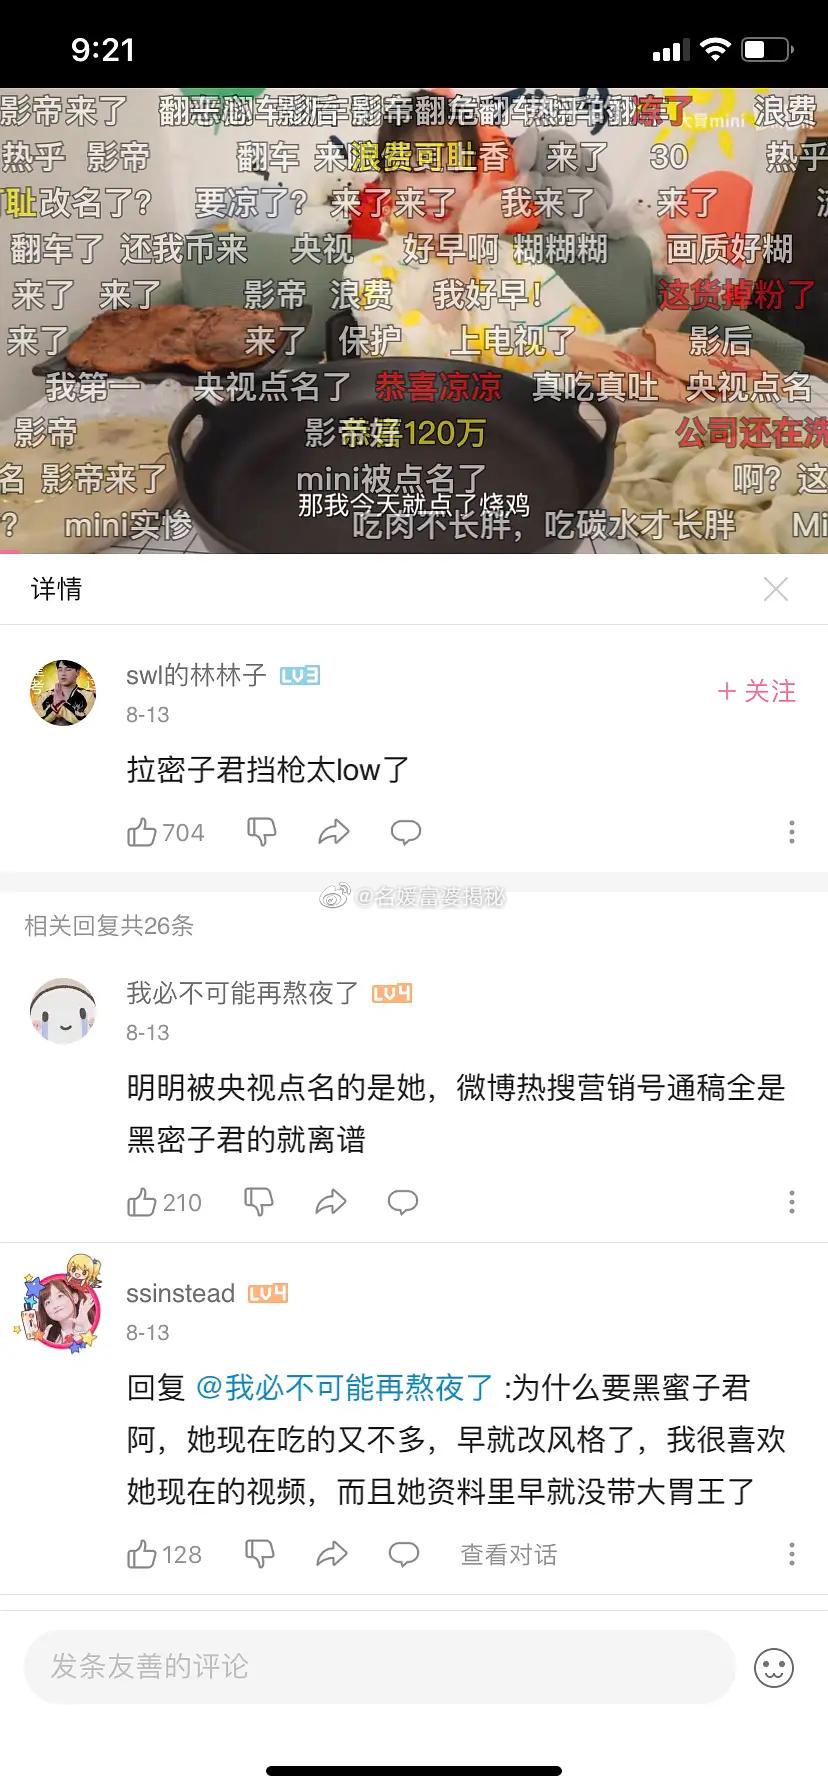 終於承認假吃!大胃王少女「慘被封殺」 網罵爆:說謊精!